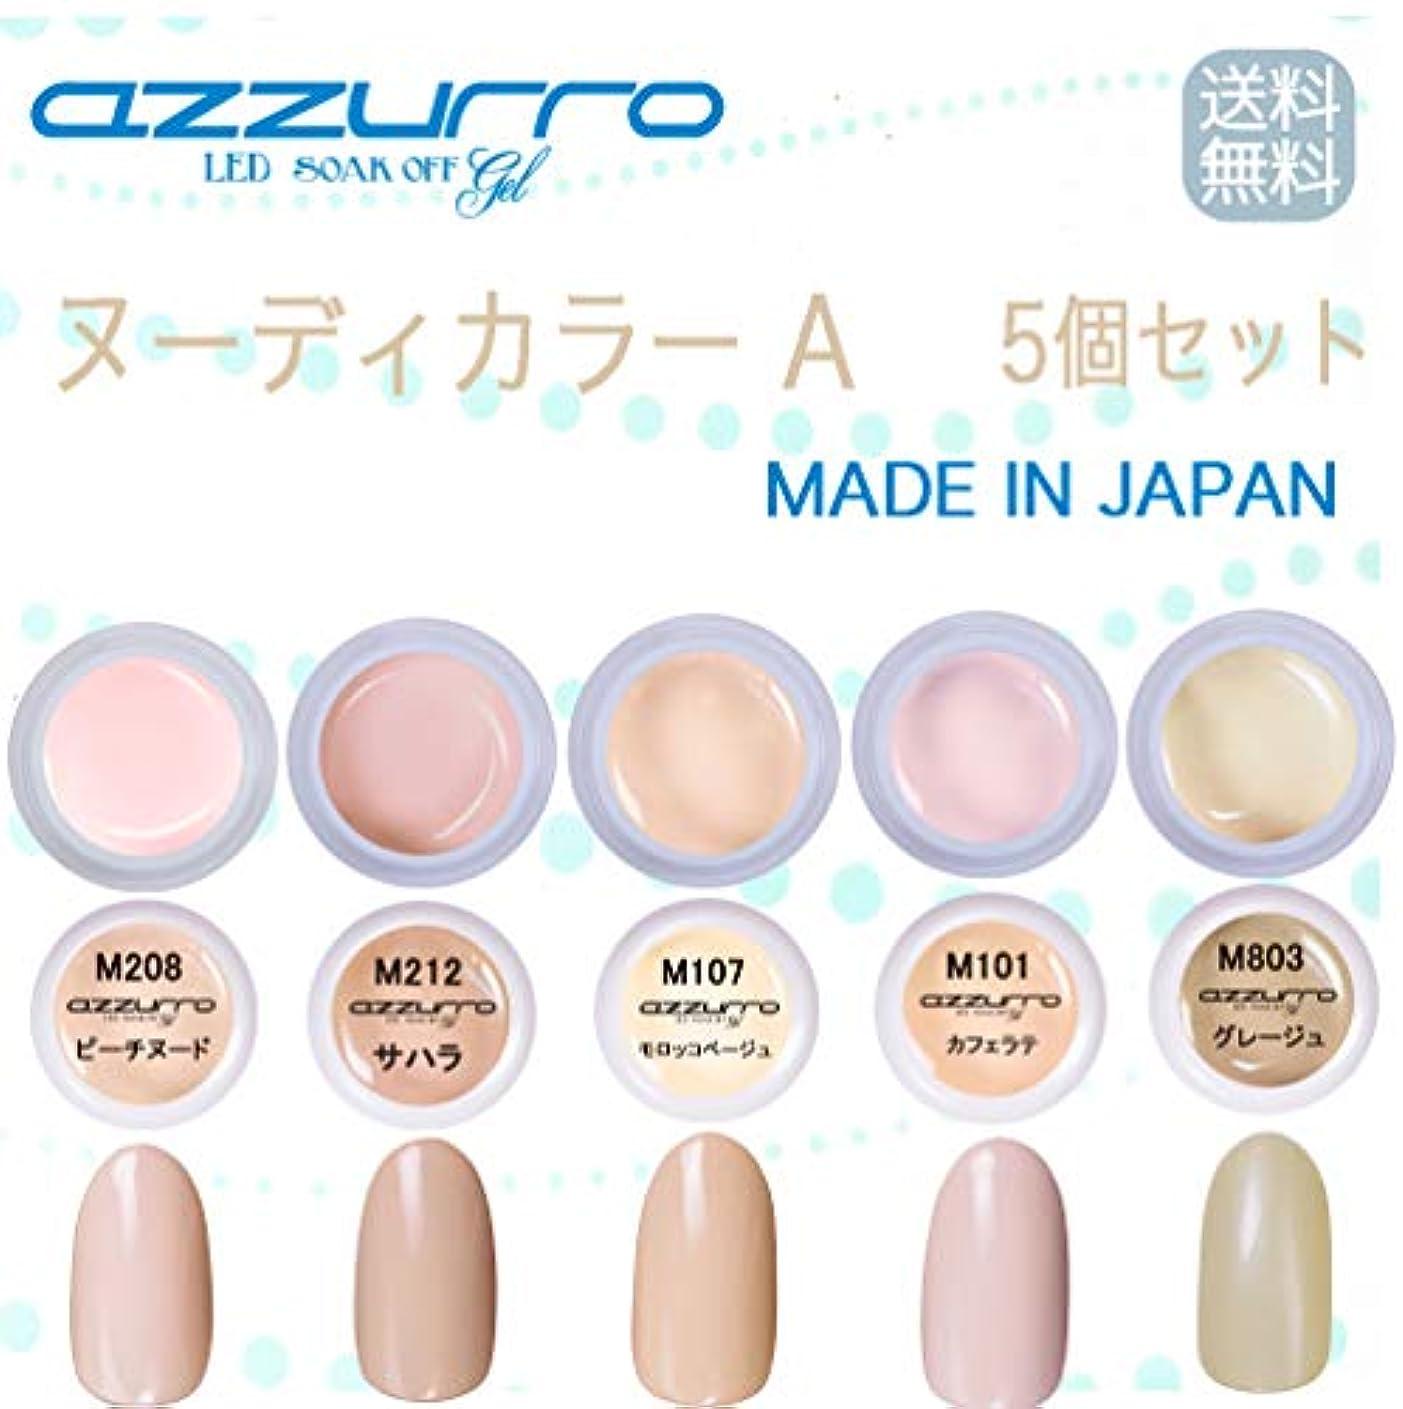 ショートレザートラフィック【送料無料】日本製 azzurro gel ヌーディカラージェルAセット ヌーデイで扱いやすい人気なカラー